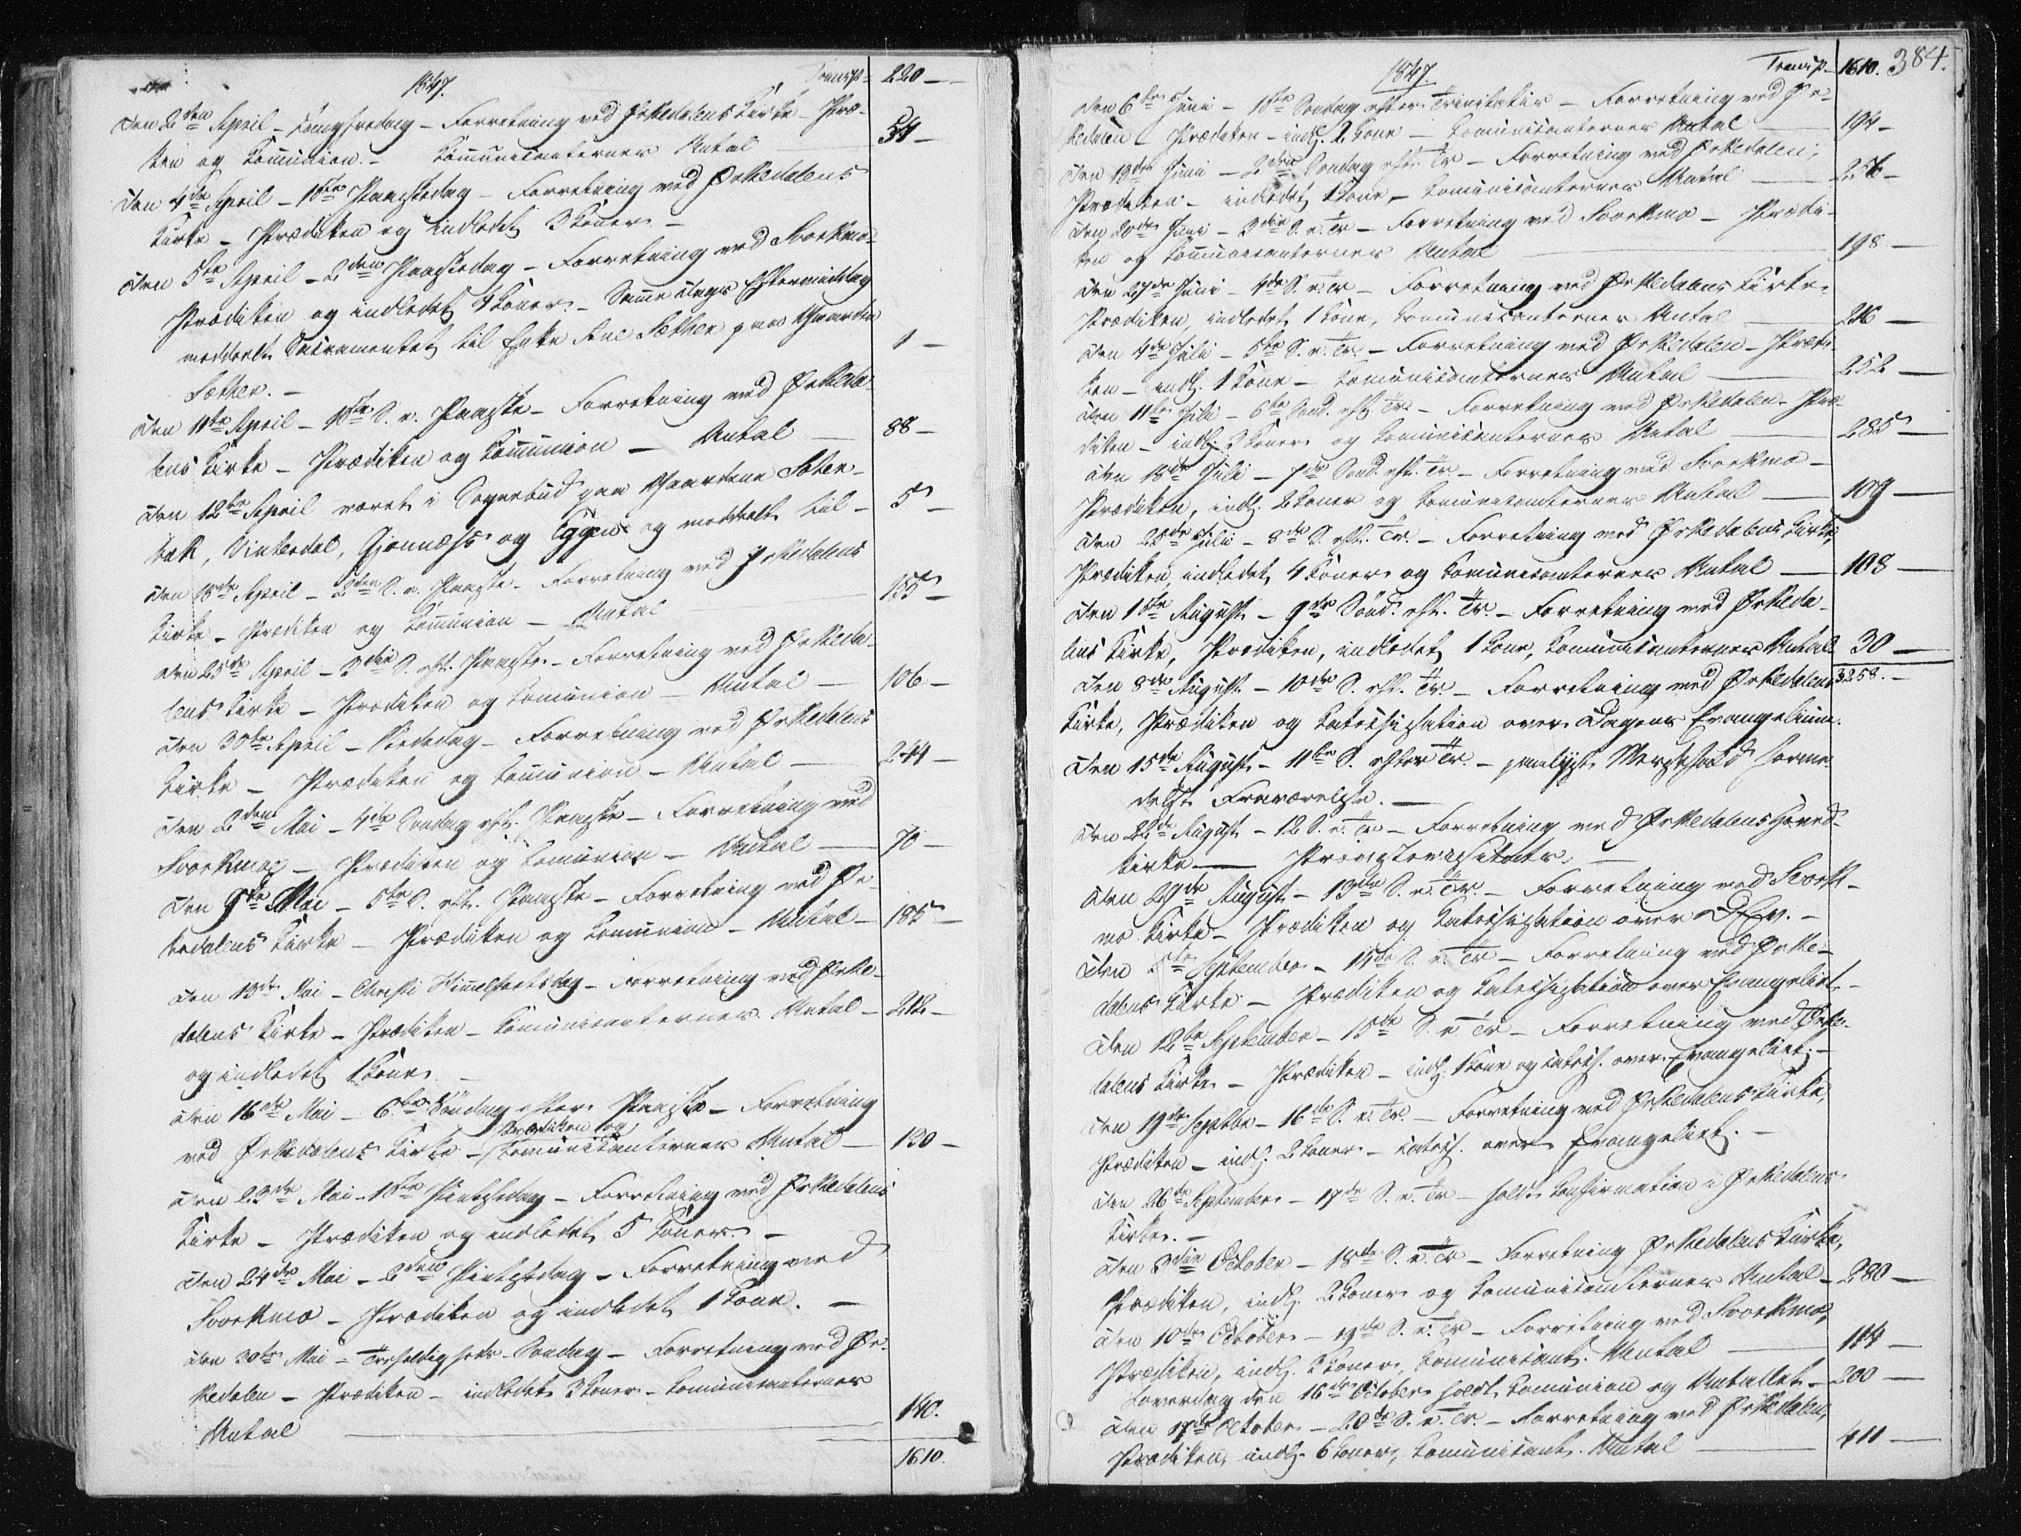 SAT, Ministerialprotokoller, klokkerbøker og fødselsregistre - Sør-Trøndelag, 668/L0805: Ministerialbok nr. 668A05, 1840-1853, s. 384